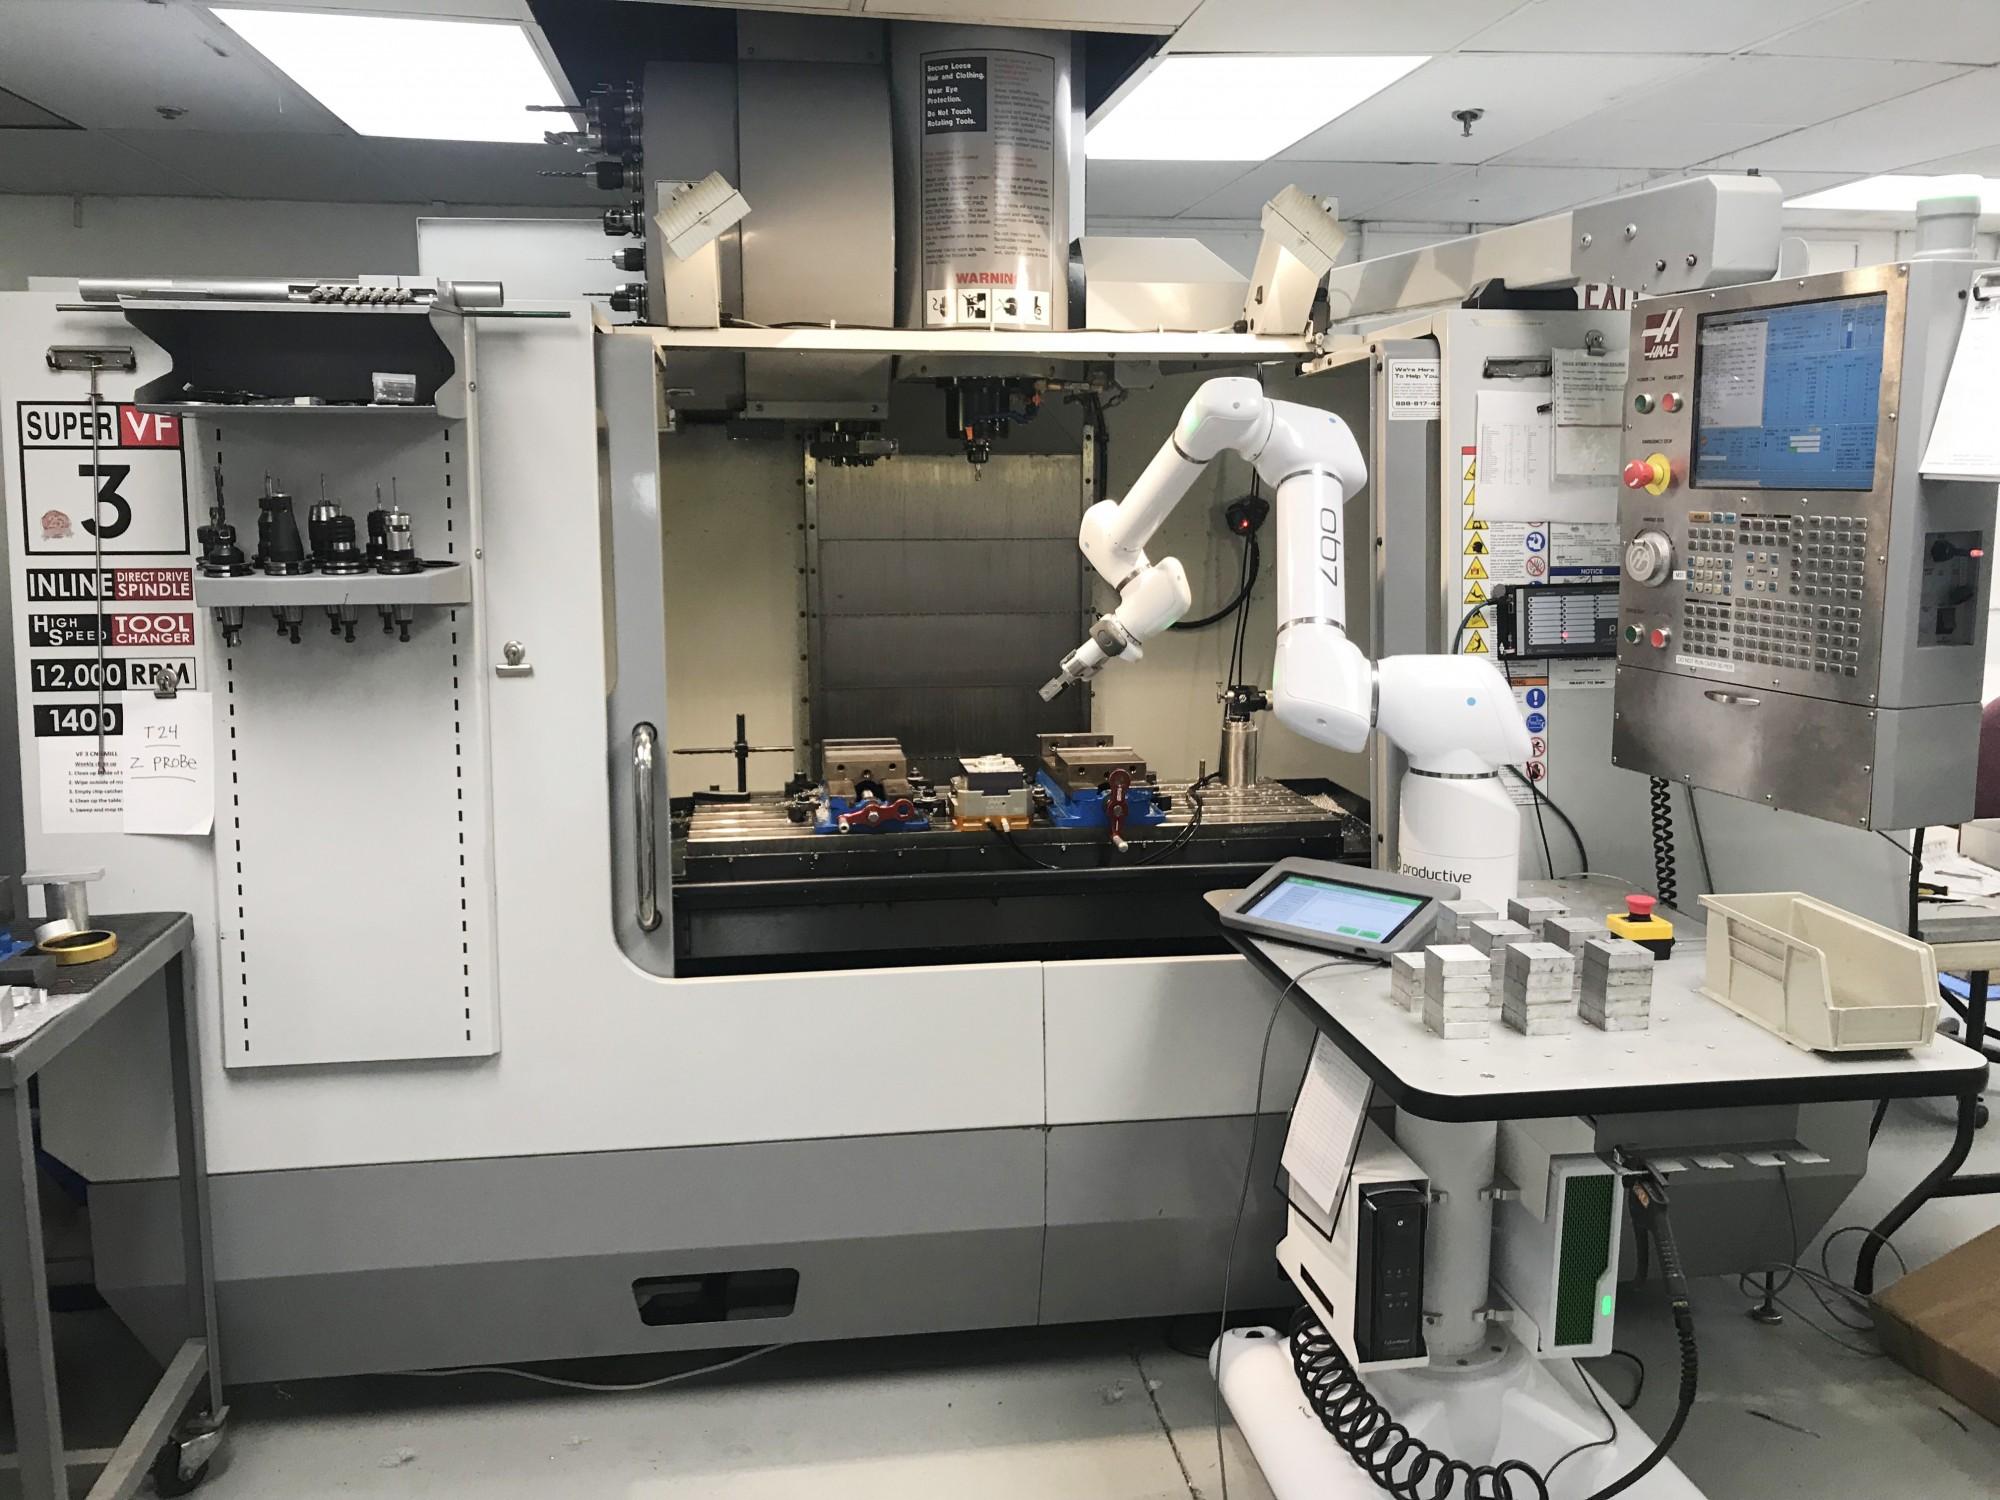 טעינה אוטומטית רובוט קובוט מכונת CNC כרסומת מחרטה